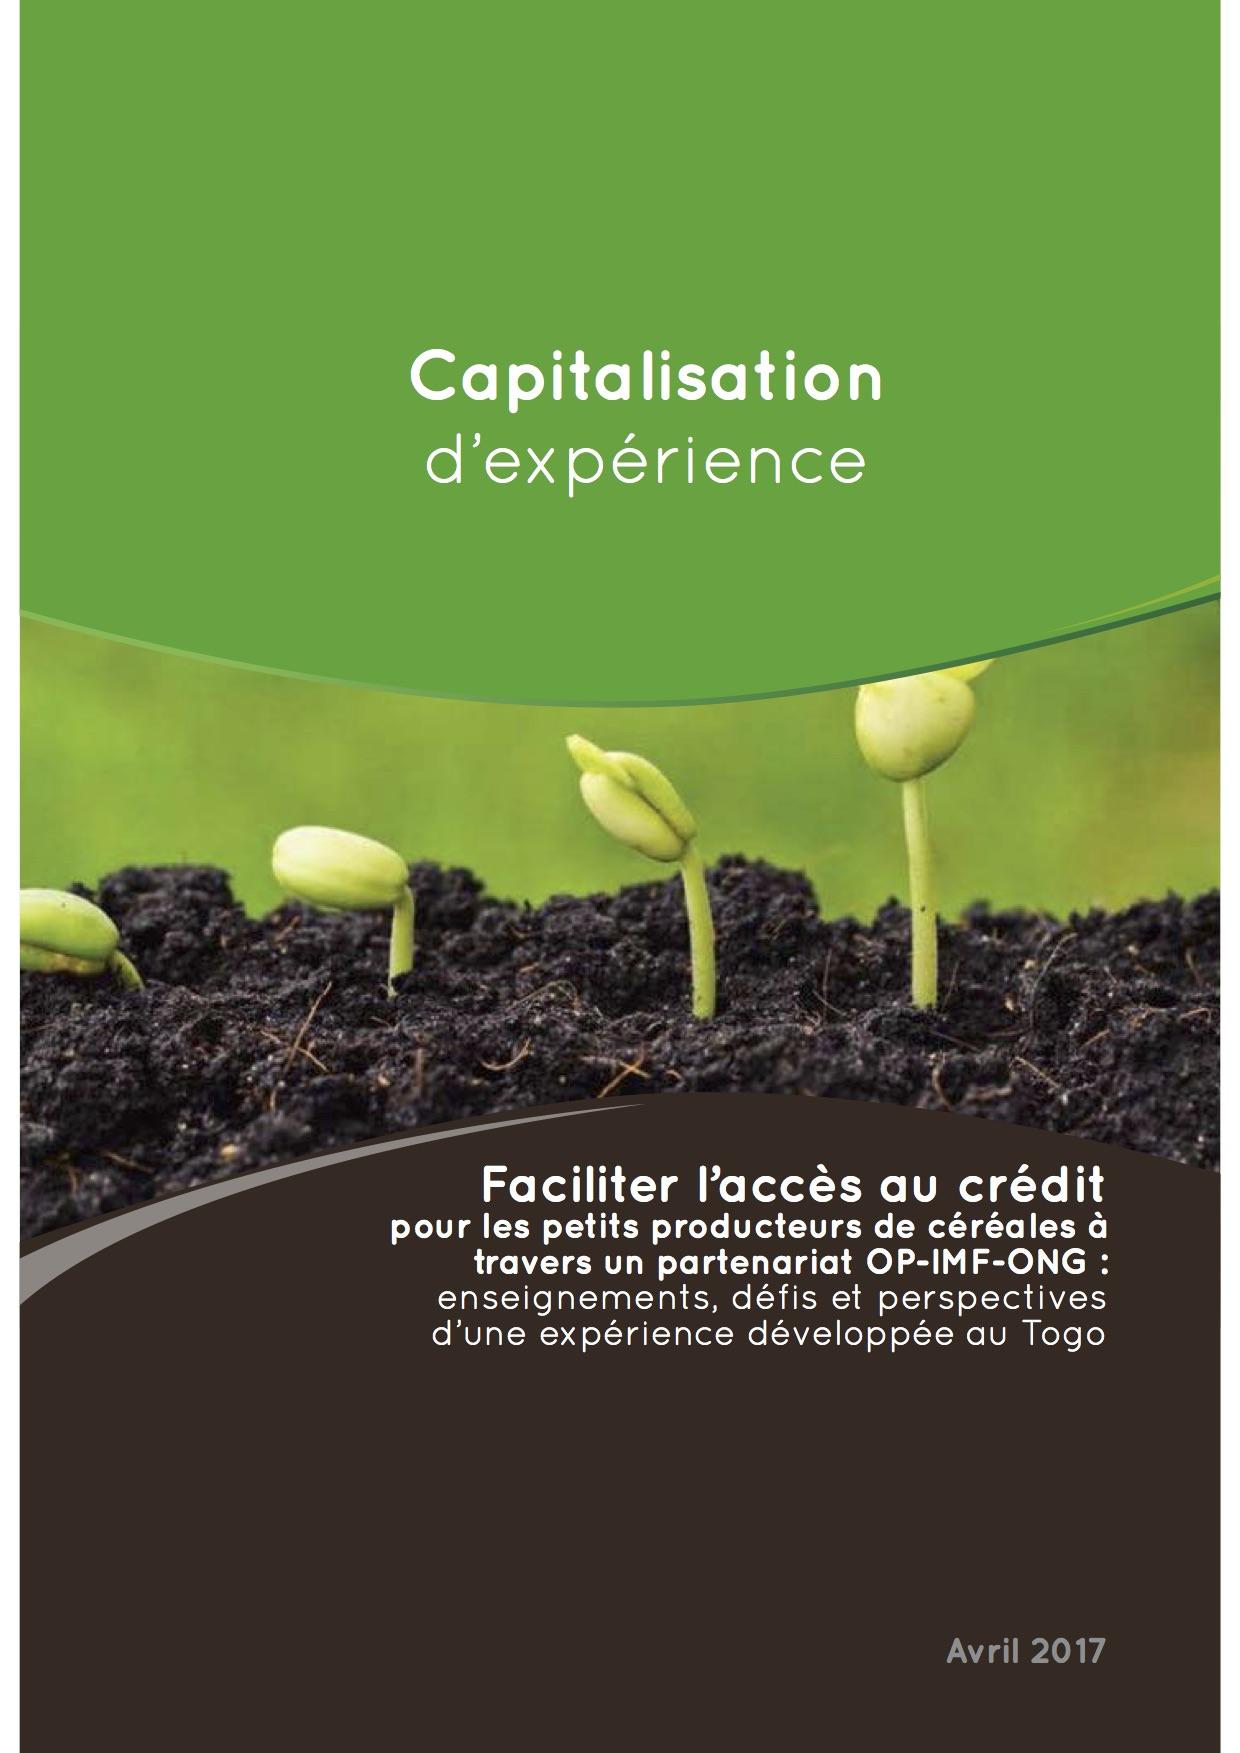 Faciliter l'accès au crédit pour les petits producteurs de céréales à travers un partenariat OP-IMF-ONG : enseignements, défis et perspectives d'une expérience développée au Togo  Image principale